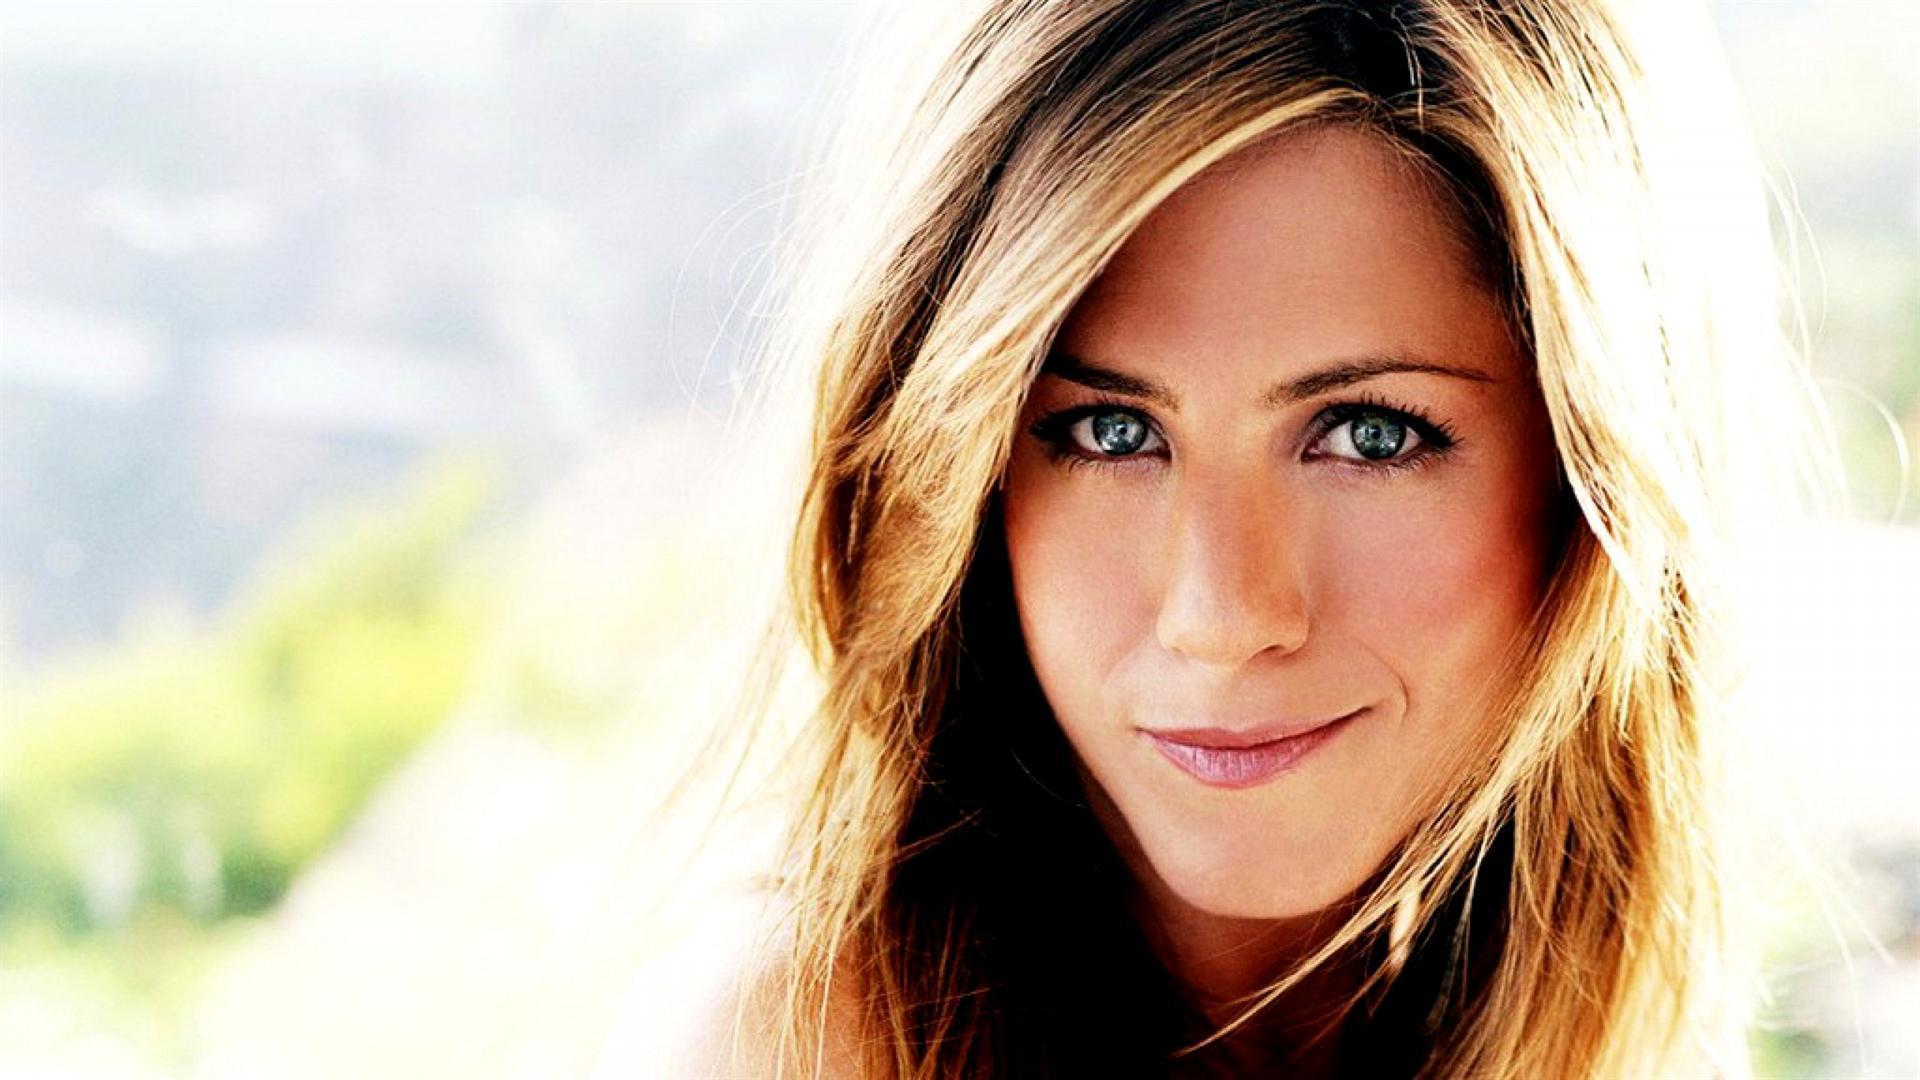 Jennifer Aniston Wallpapers HD